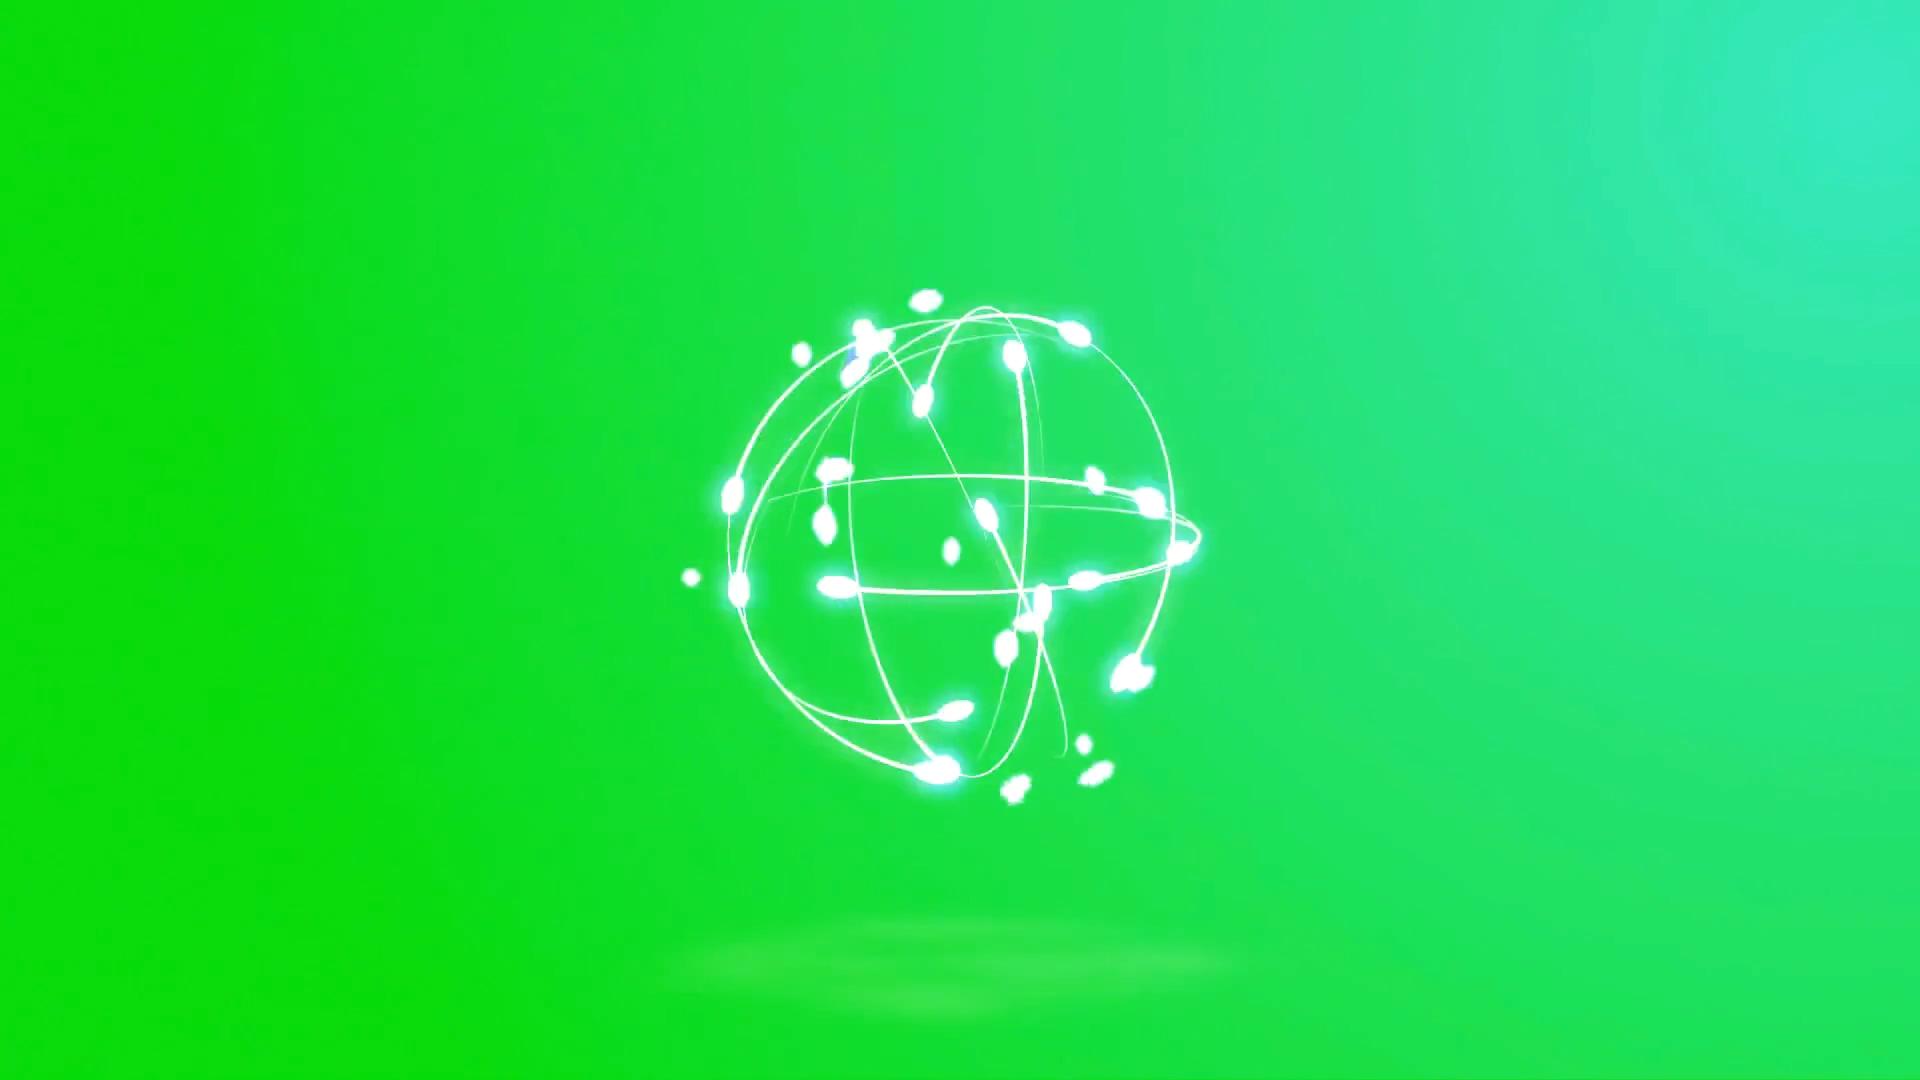 绿屏抠像交汇旋转粒子光球